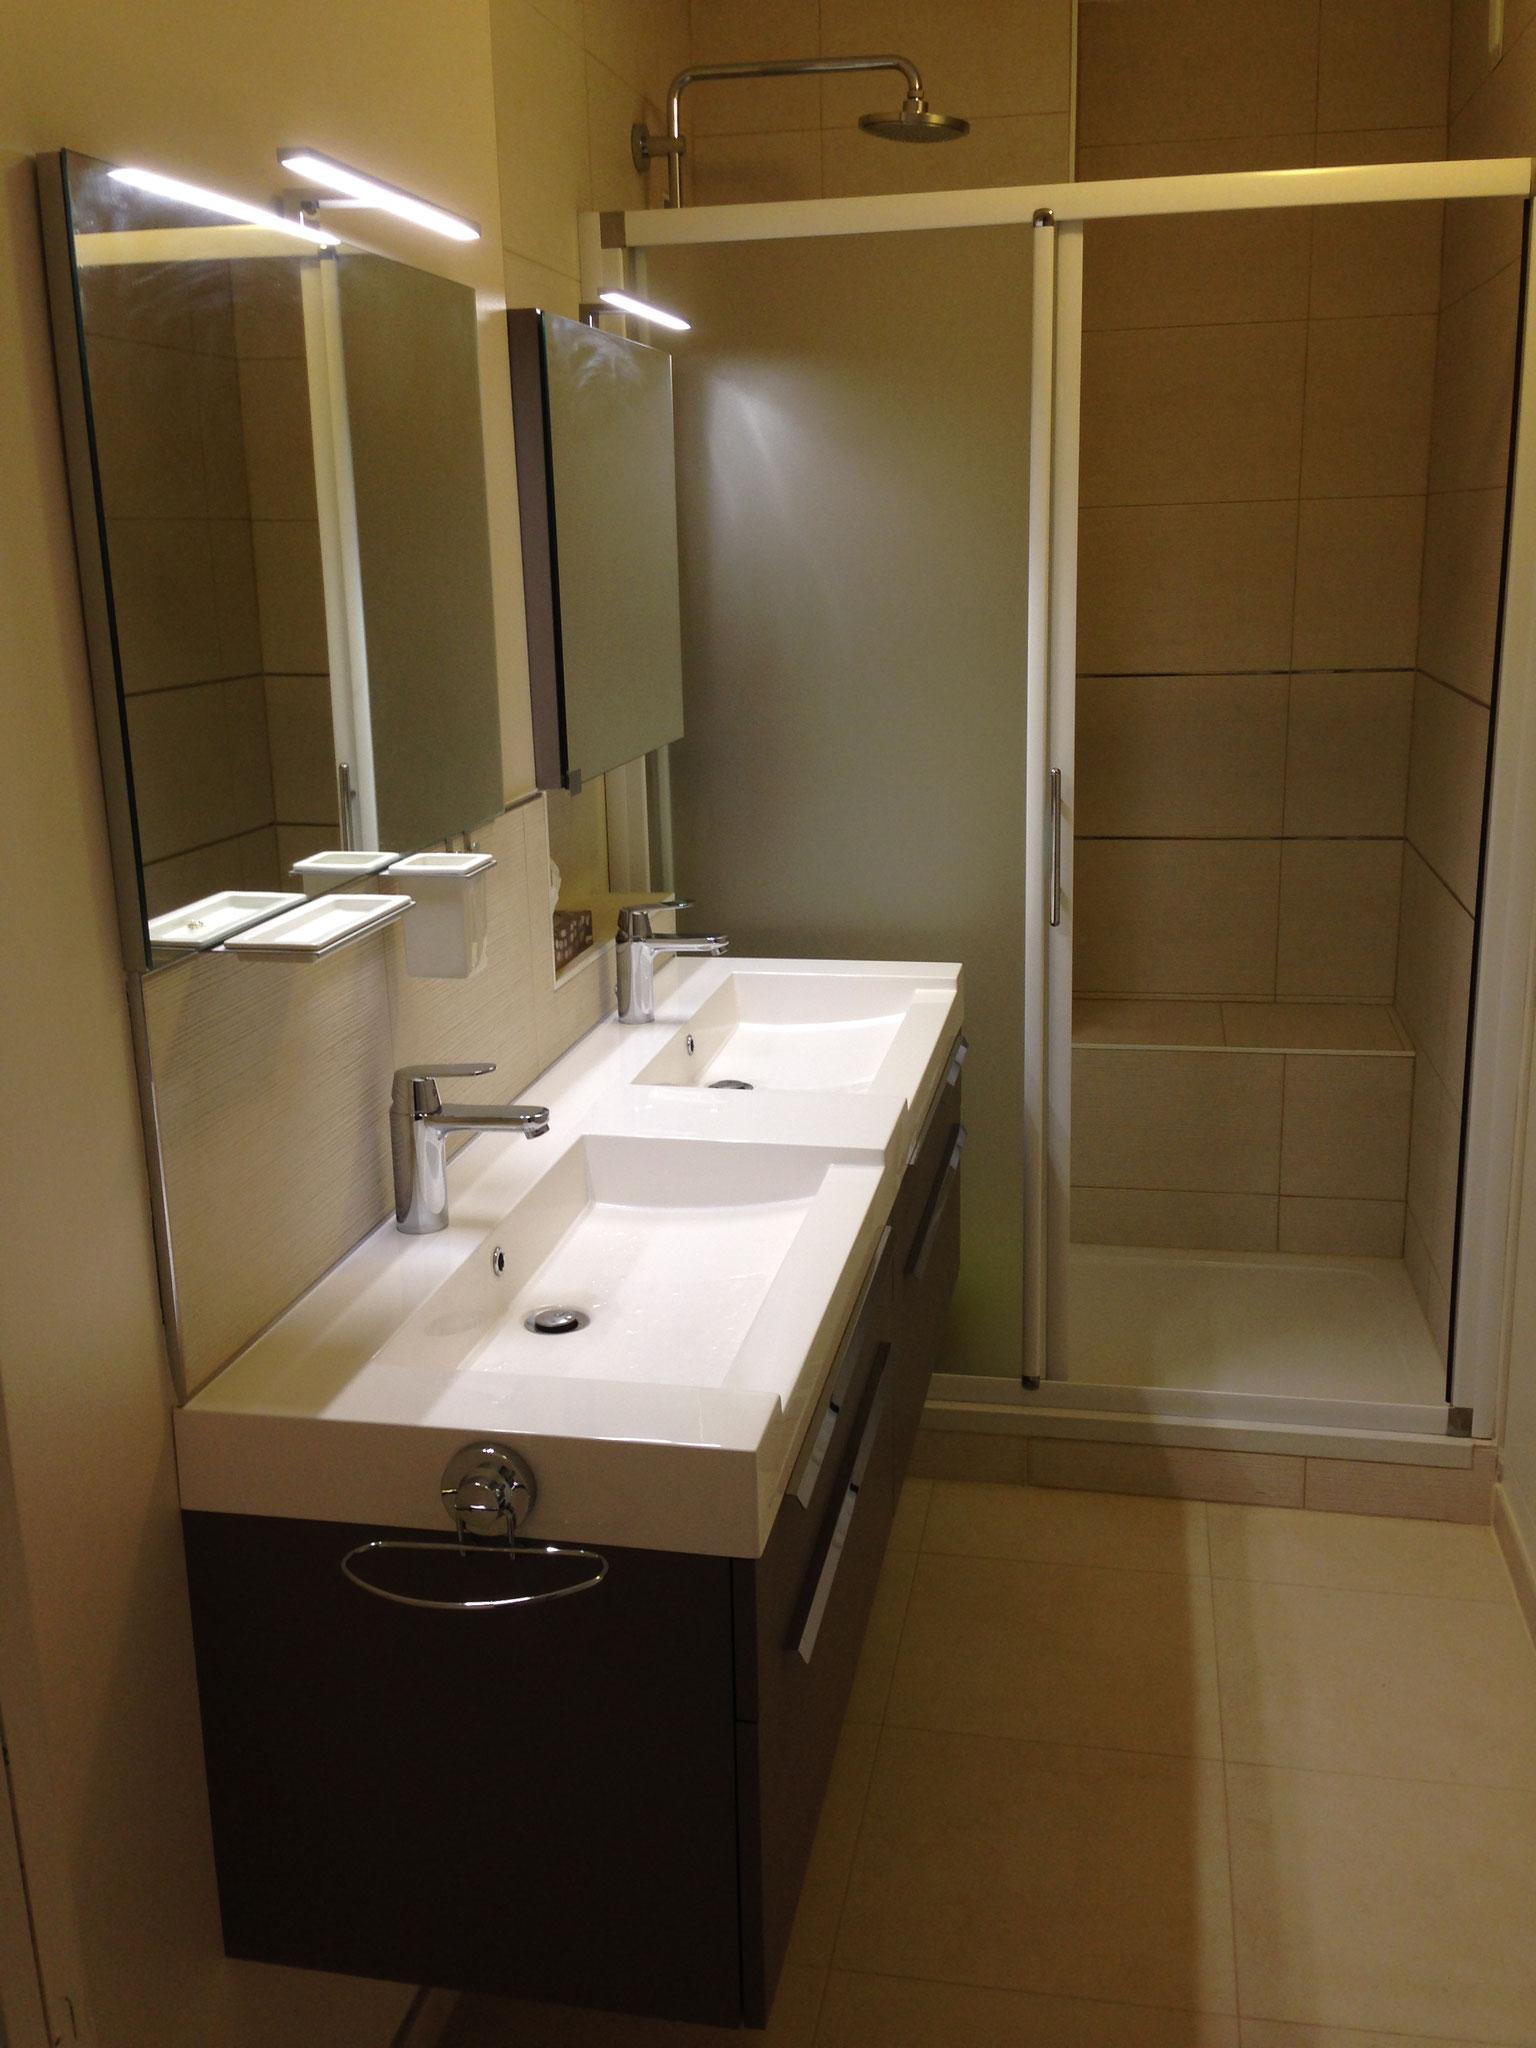 Le Chesnay – Réalisation  - Salle d'eau - Plan vasque pour 2 personnes et assise dans la douche